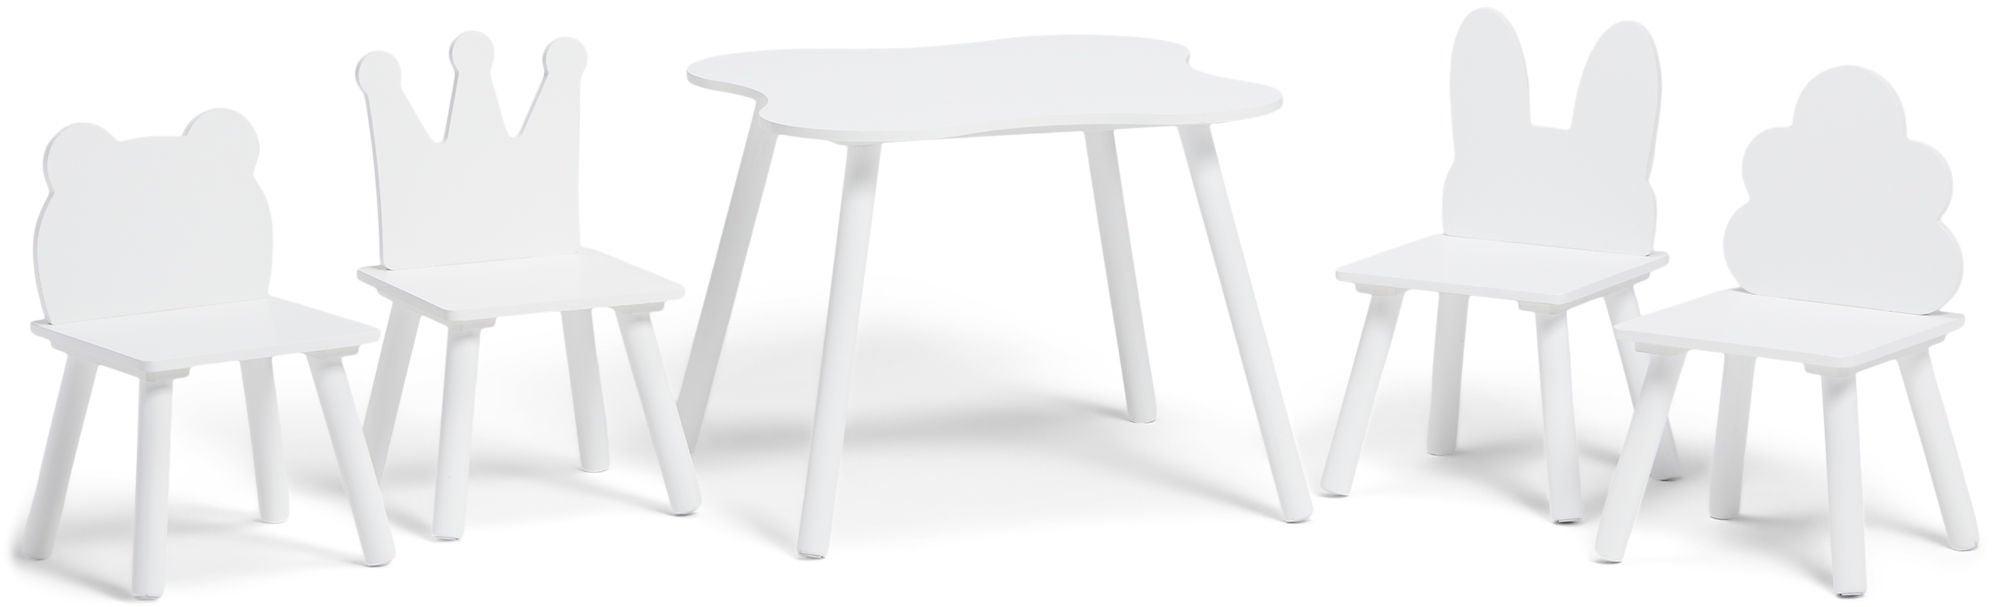 Alice & Fox Pöytä ja Tuoli Eläin, Valkoinen